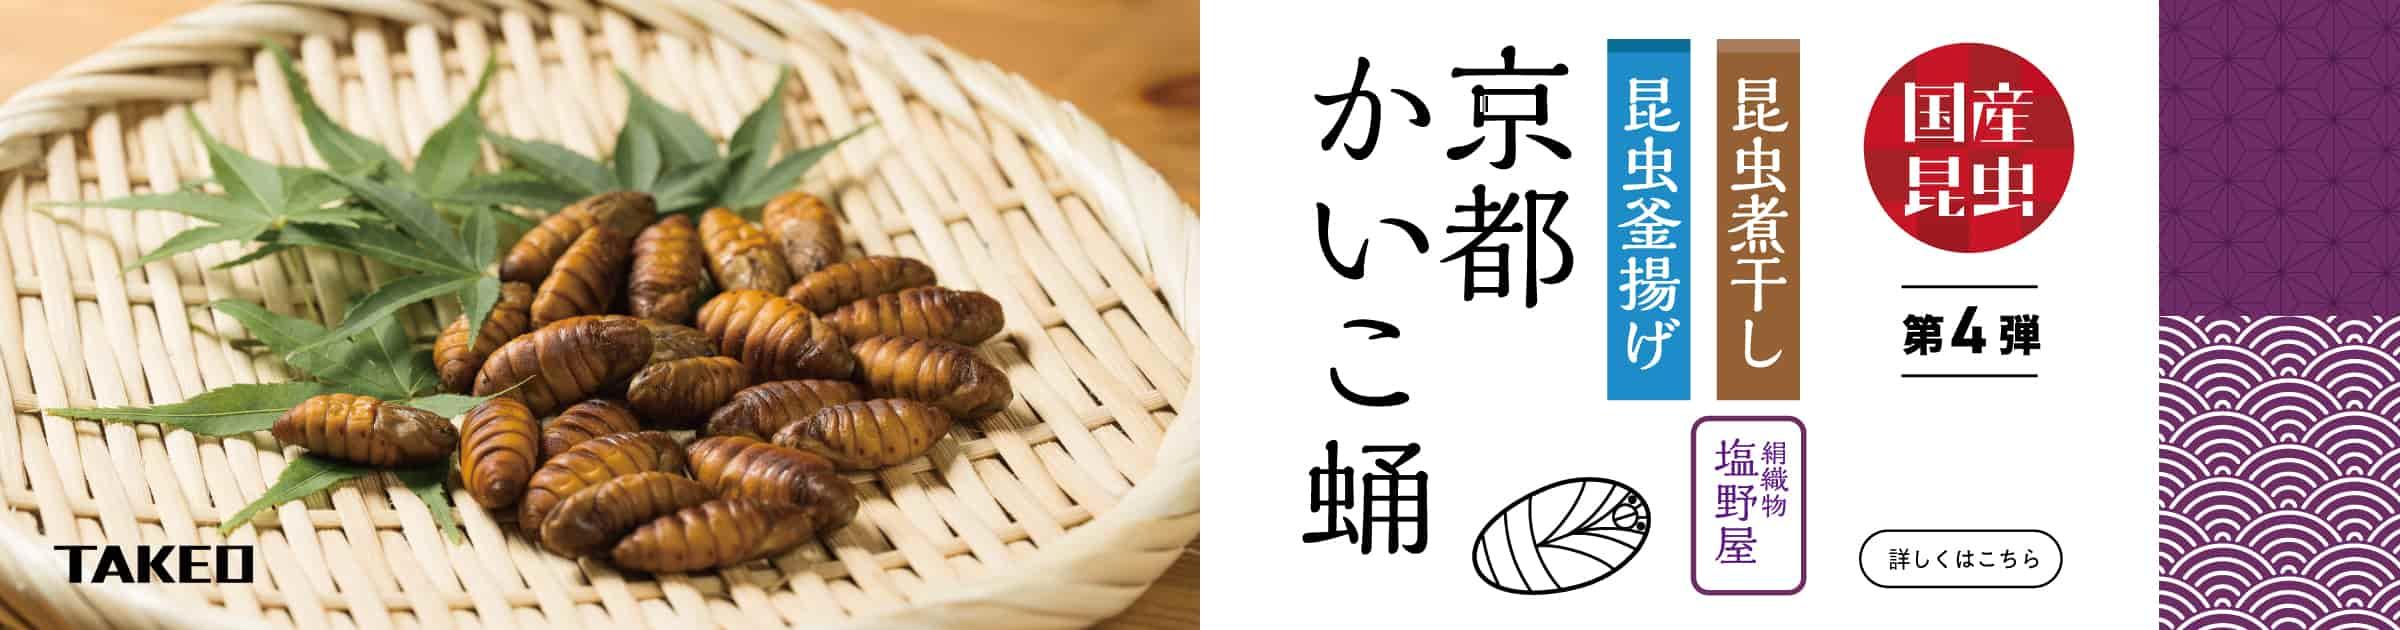 京都かいこ 昆虫釜揚げ 昆虫煮干し 国産昆虫 昆虫食